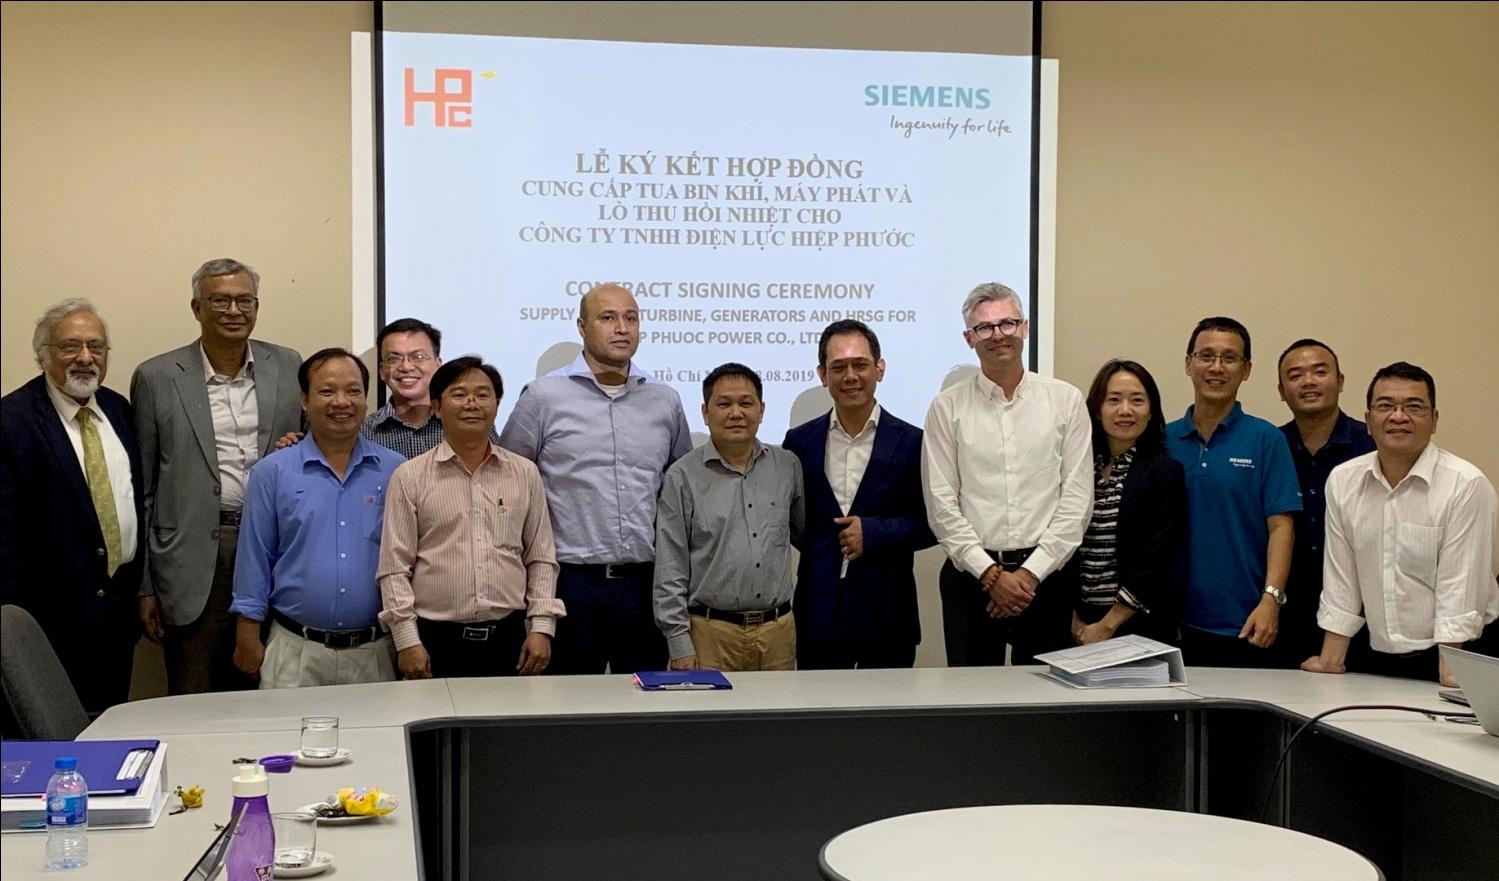 Lễ ký kết hợp tác giữa Siemens và Công ty TNHH Điện lực Hiệp Phước